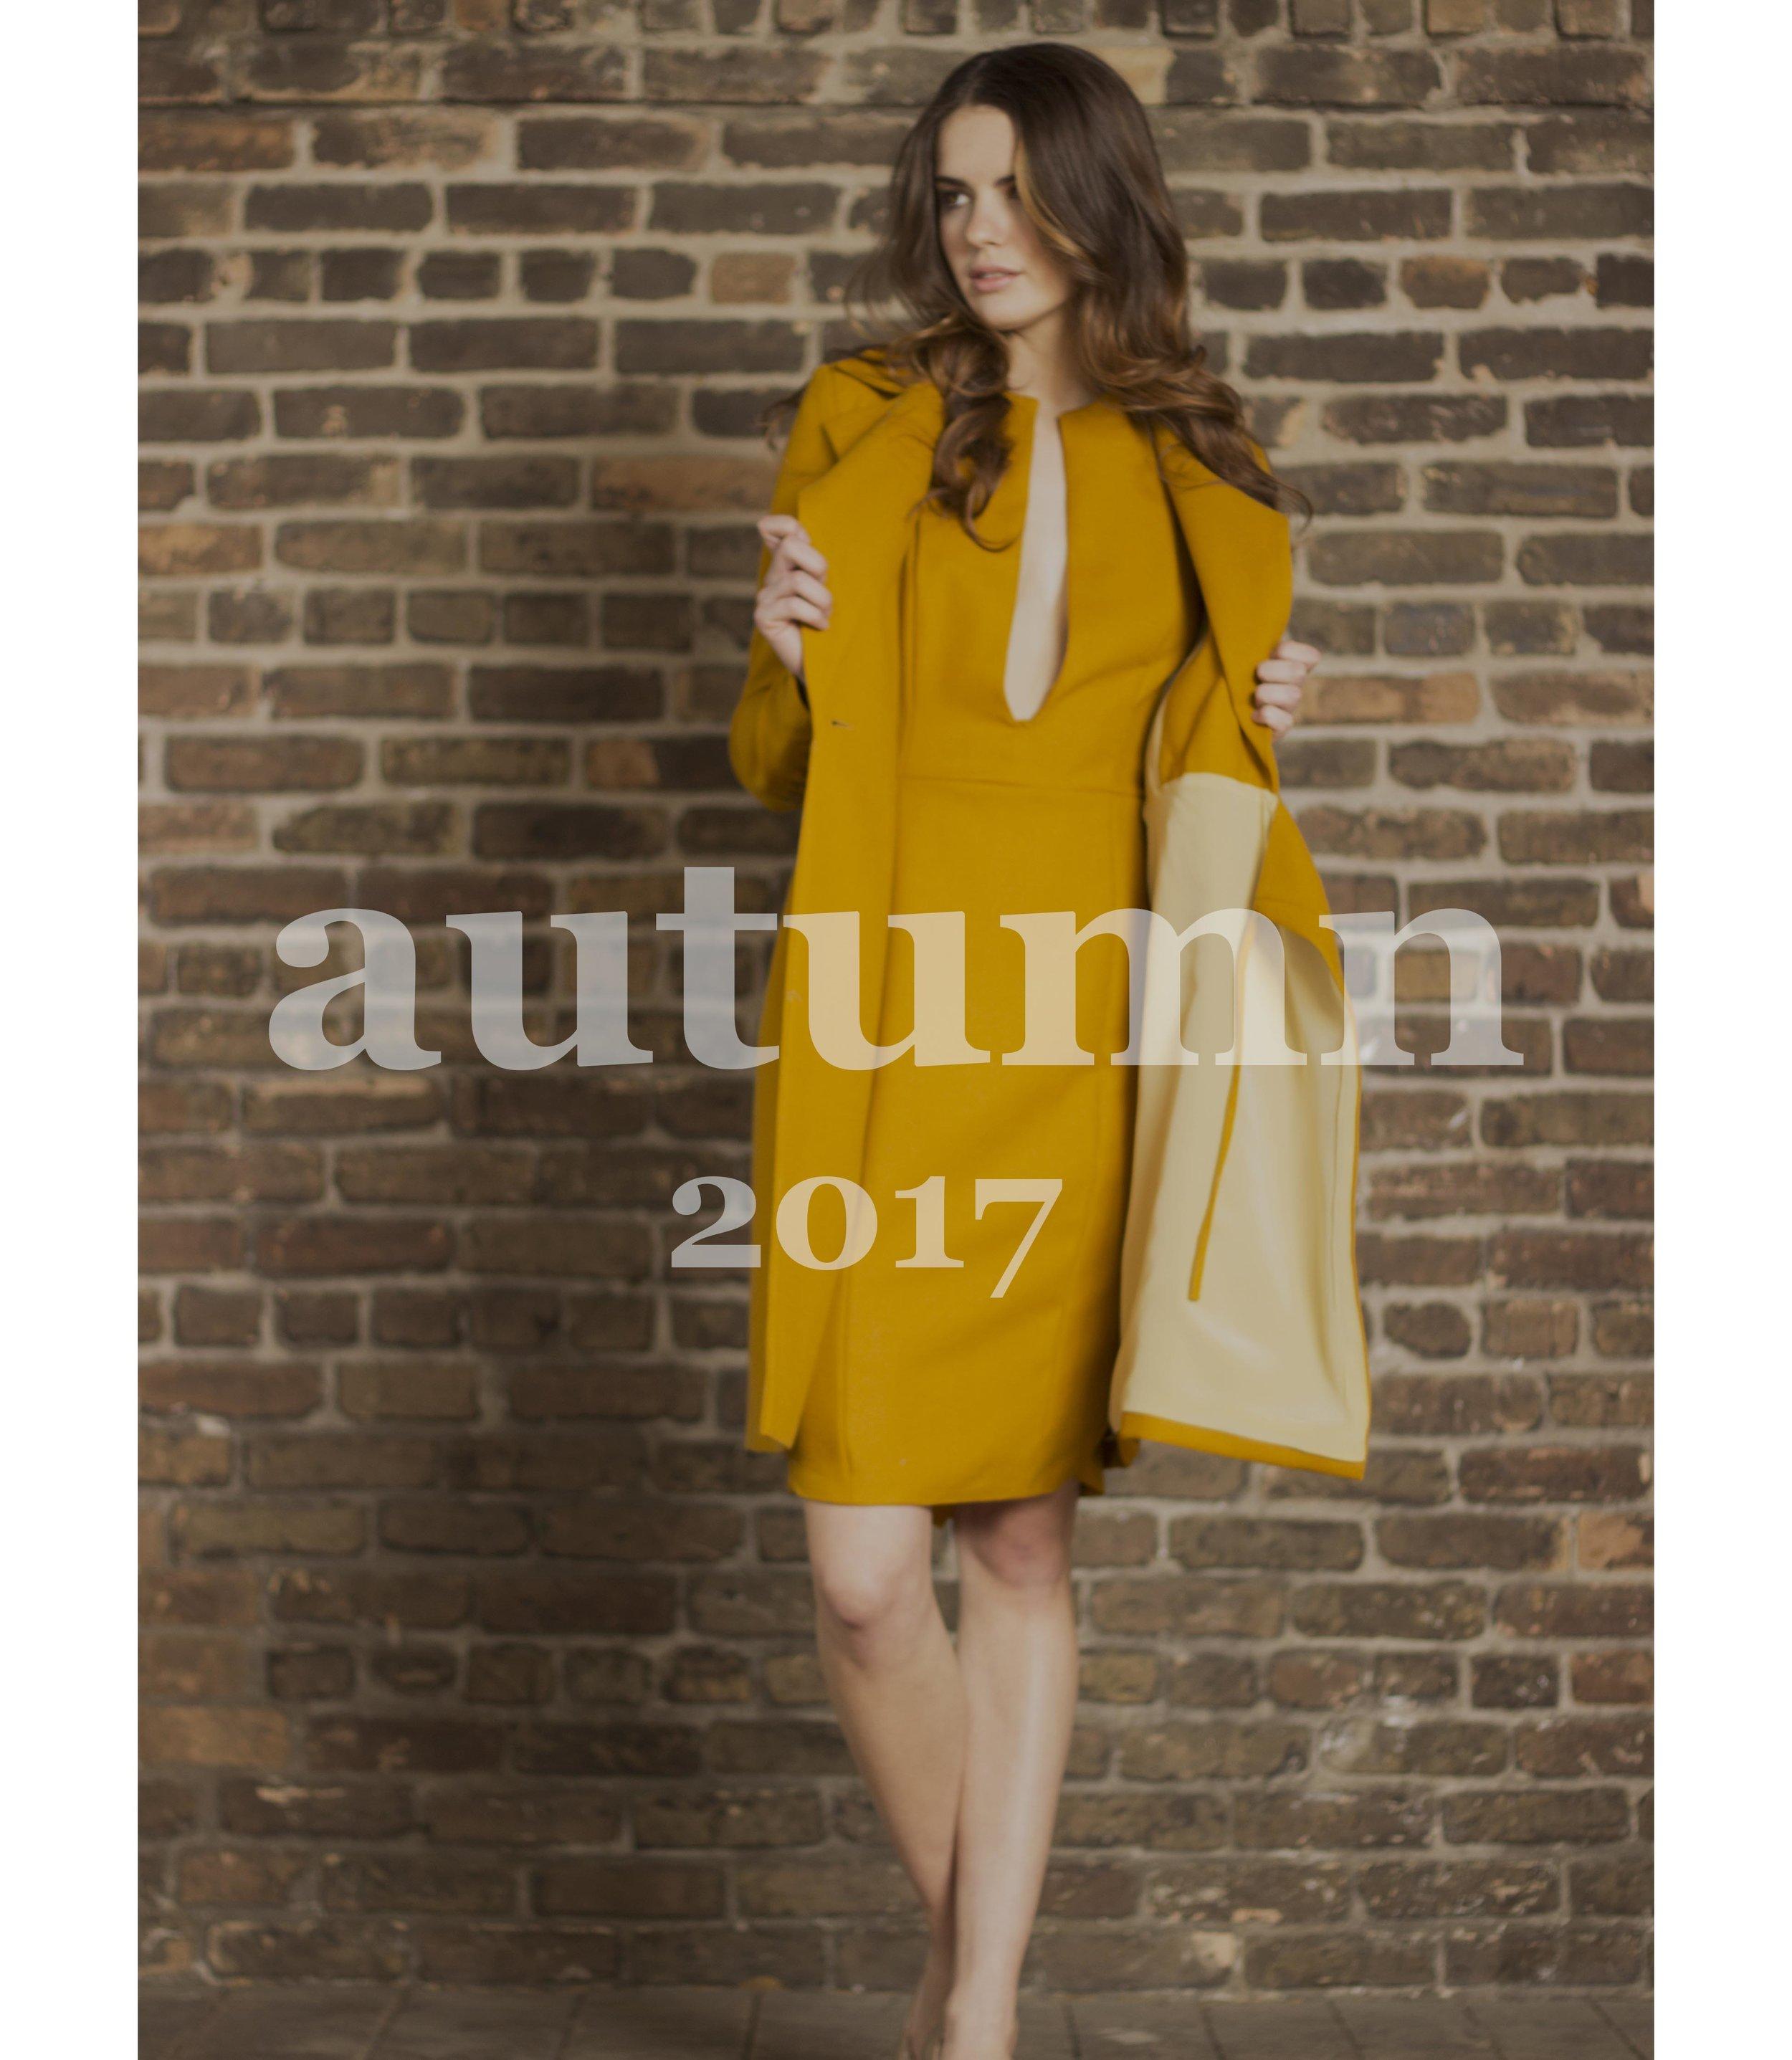 fall_2017.jpg